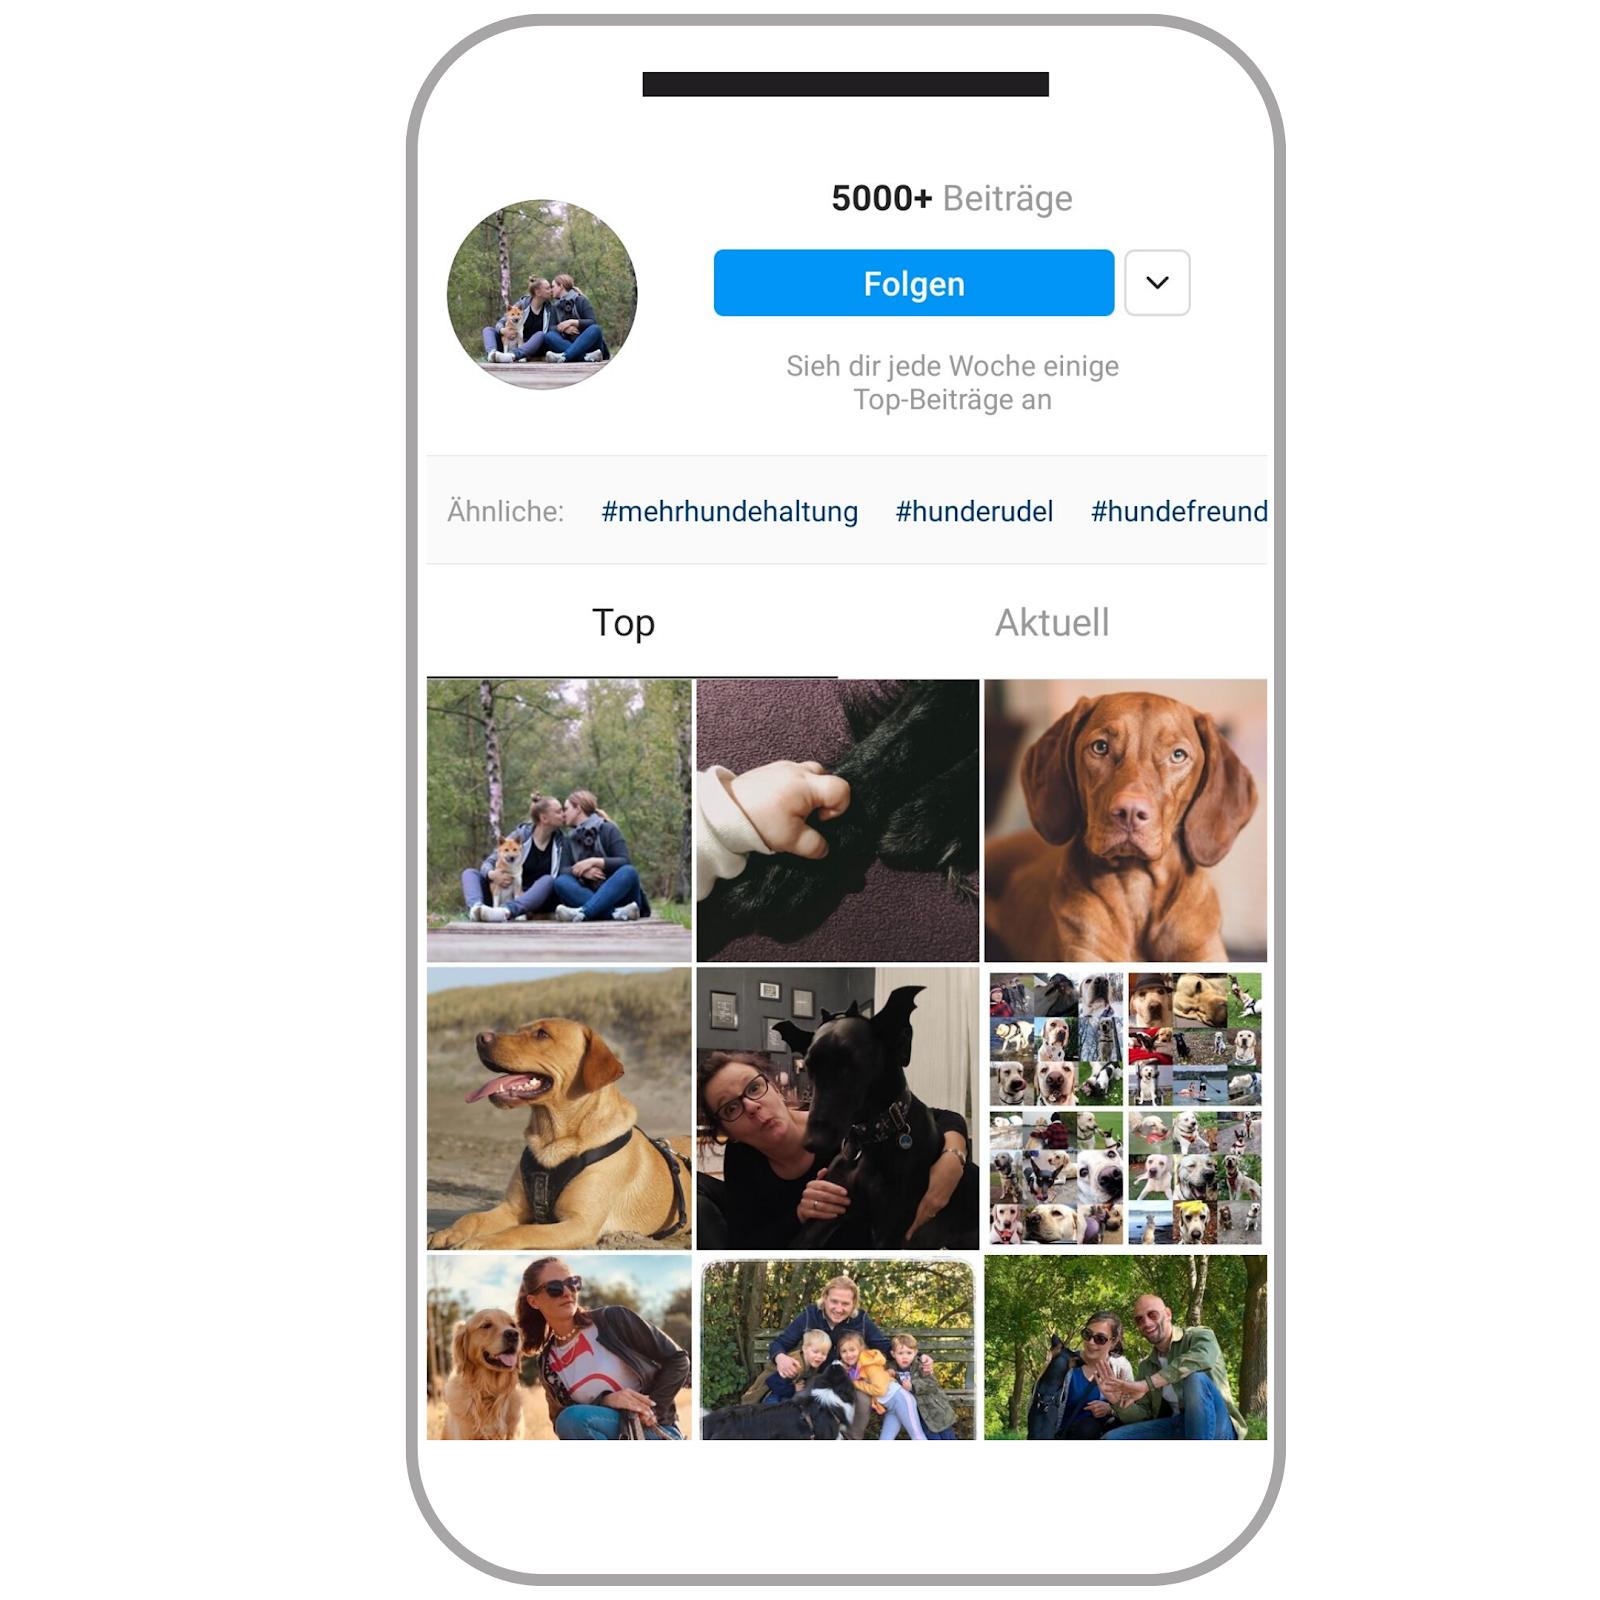 Hashtag-Übersichtsseite auf Instagram